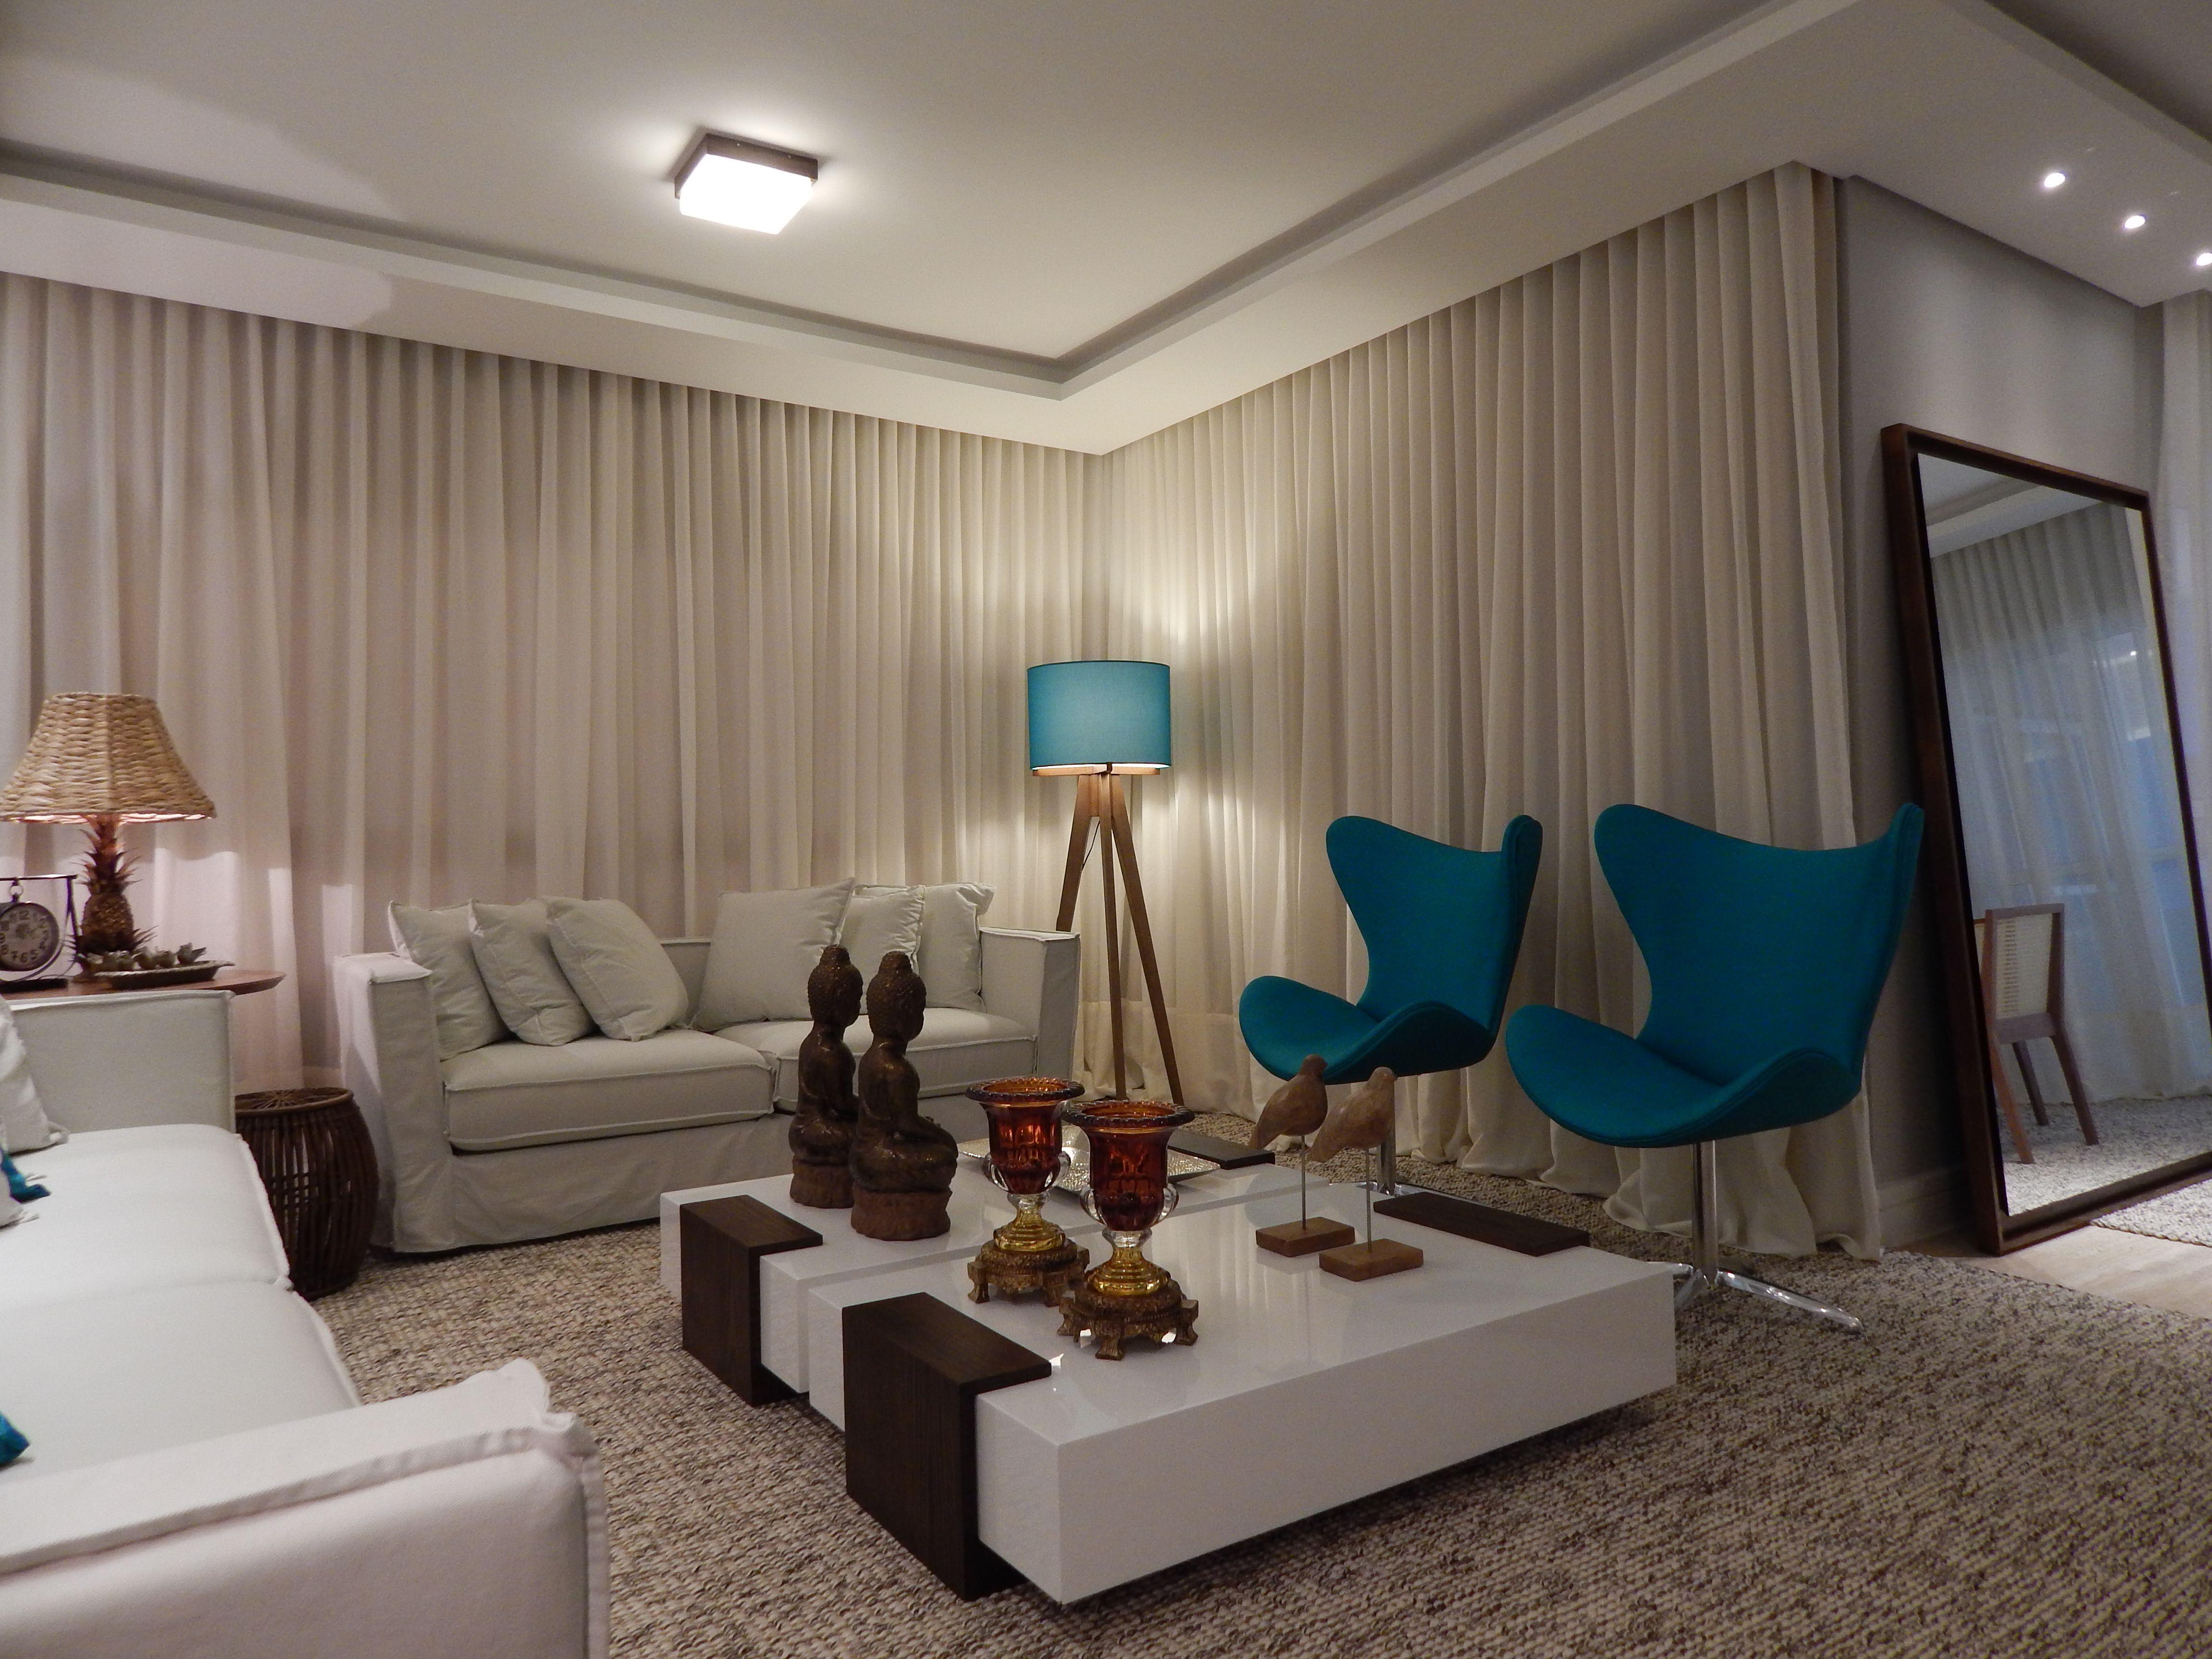 Sala de estar 2014 arquiteta barbara panassi azul - Tom interiores ...